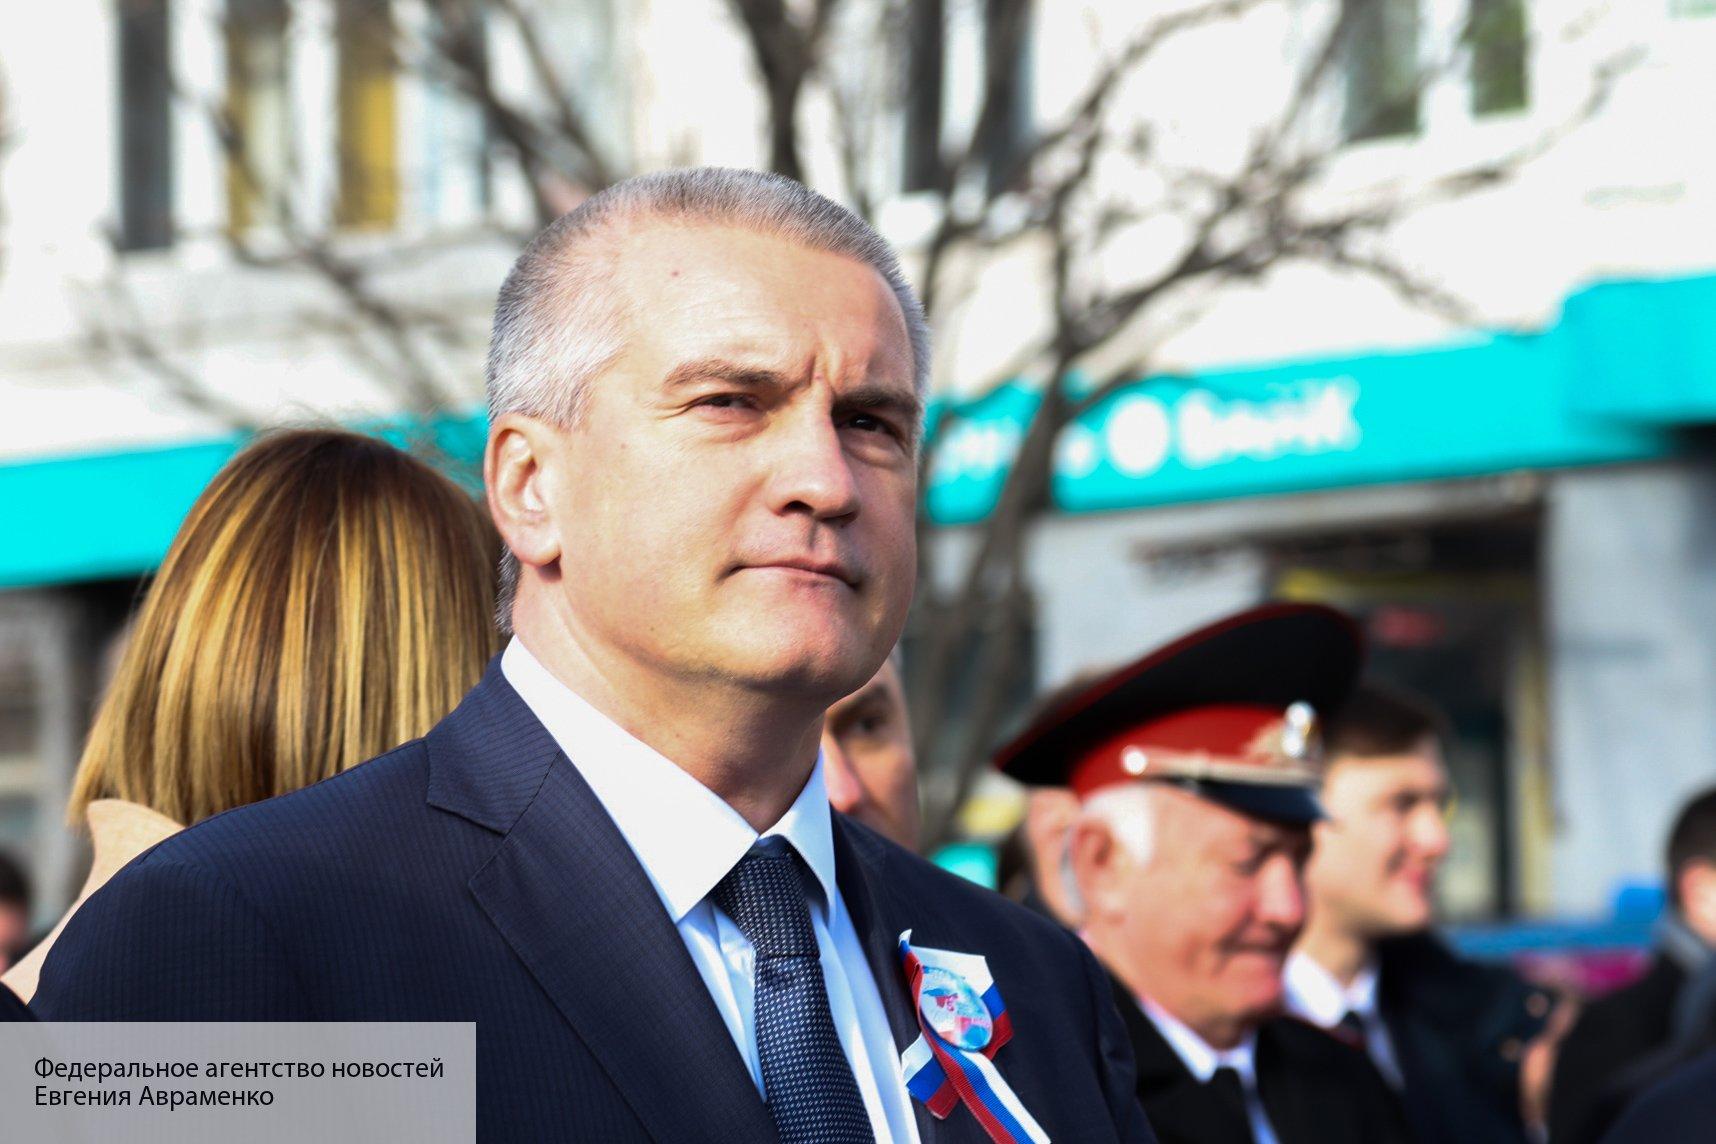 Аксенов призвал новую власть Киева признать Крым российским субъектом